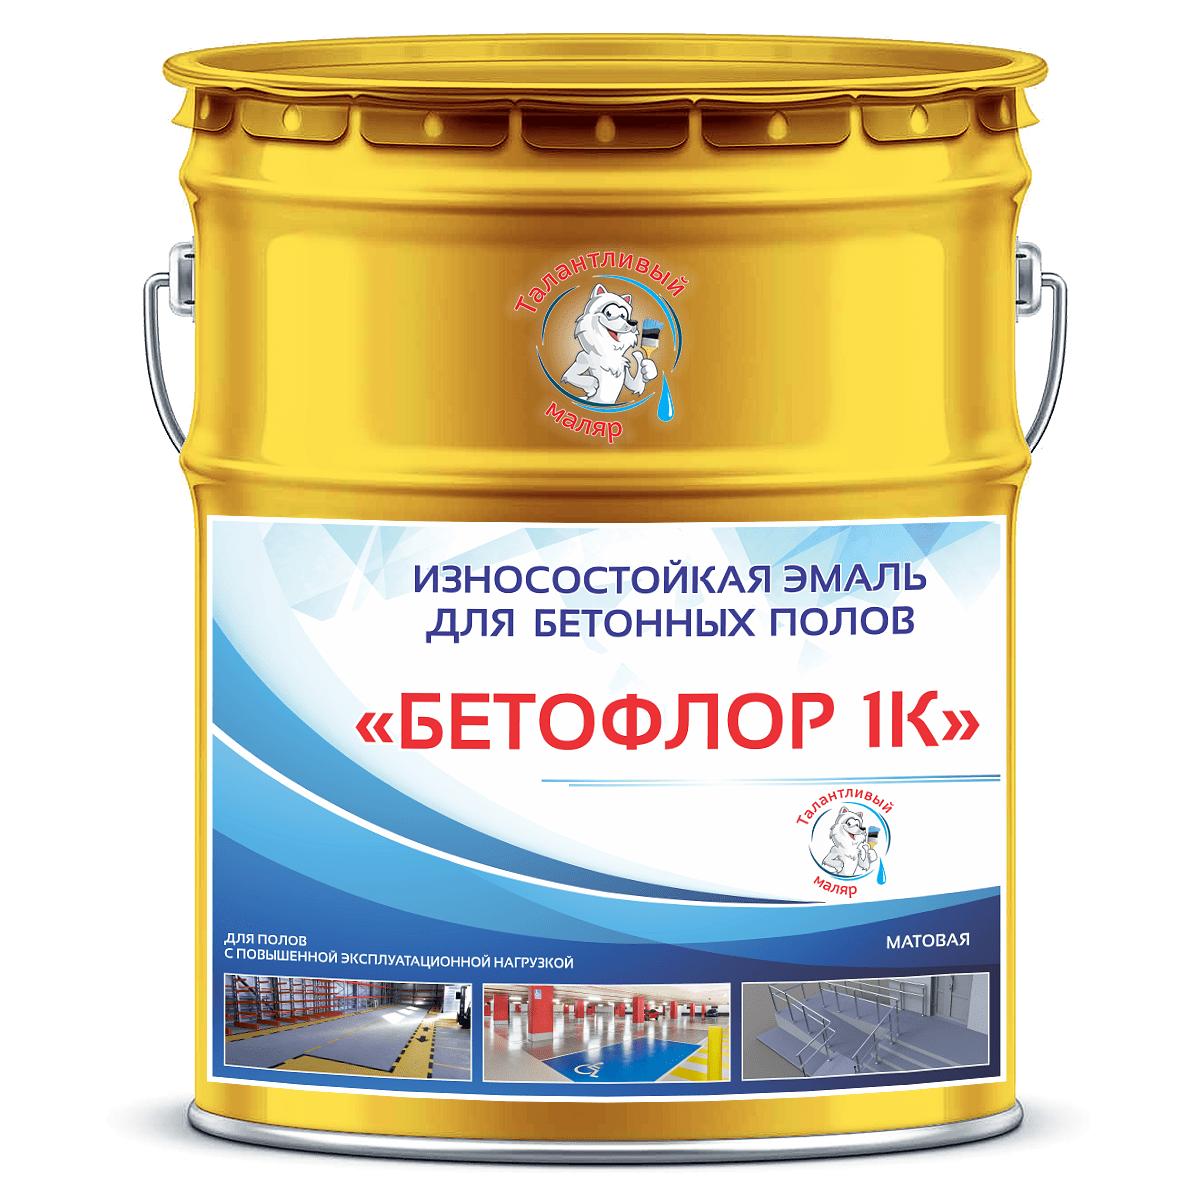 """Фото 7 - BF1006 Эмаль для бетонных полов """"Бетофлор"""" 1К цвет RAL 1006 Кукурузно-жёлтый, матовая износостойкая, 25 кг """"Талантливый Маляр""""."""